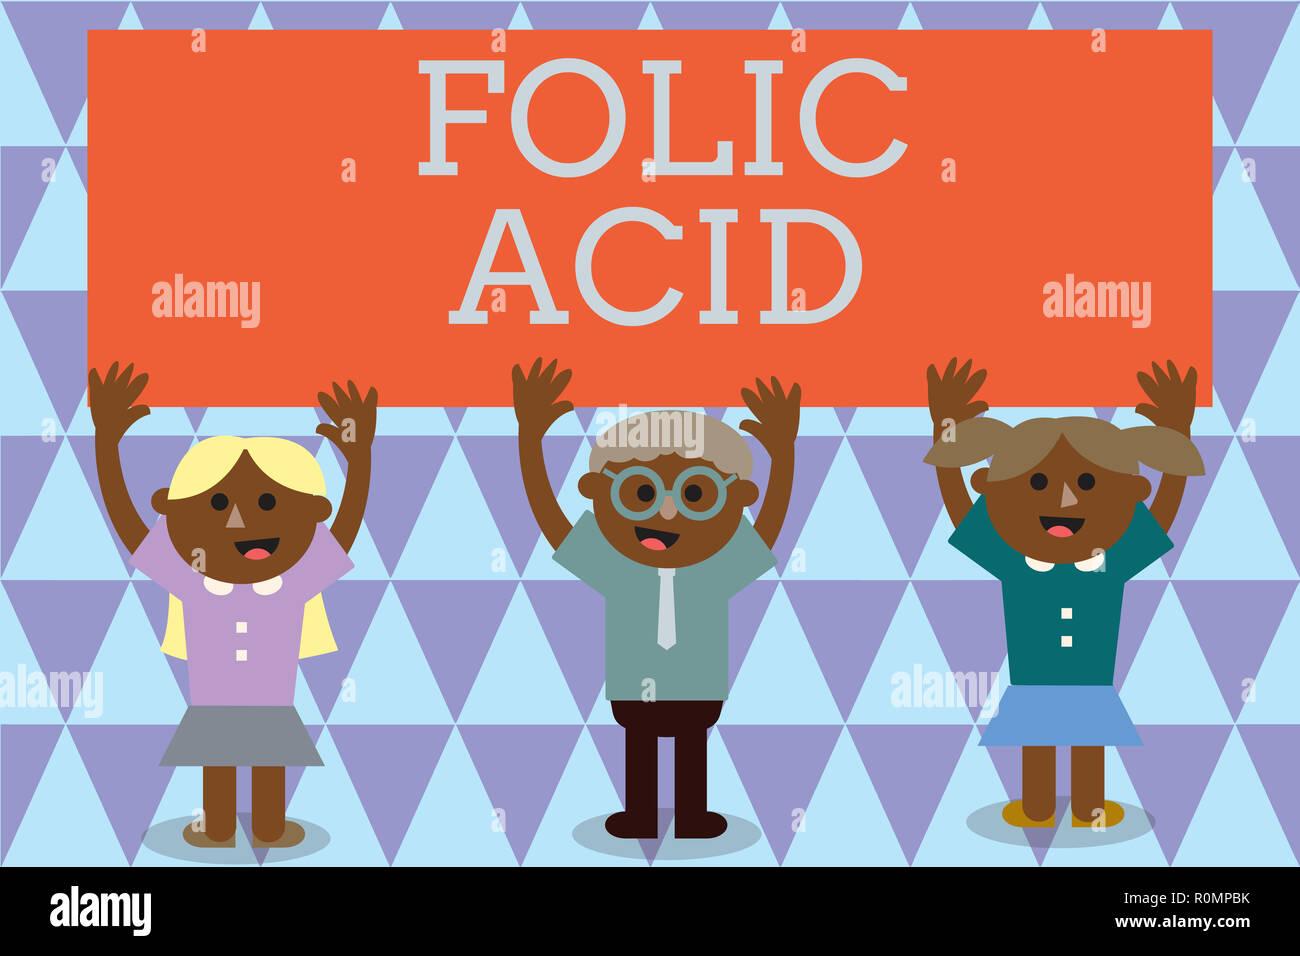 Texte de l'écriture de l'acide folique. Sens Concept Vitamines requise pour la production normale des globules rouges. Photo Stock